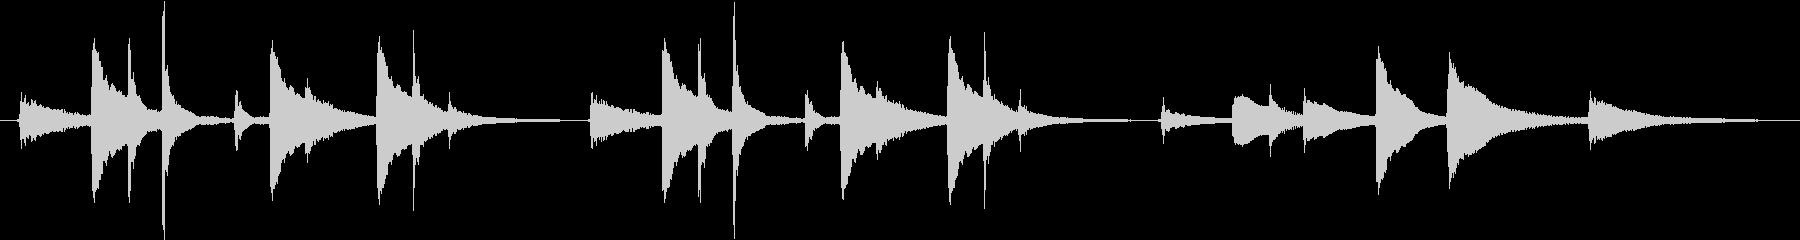 穏やか、ほのぼのとした琴のジングルの未再生の波形